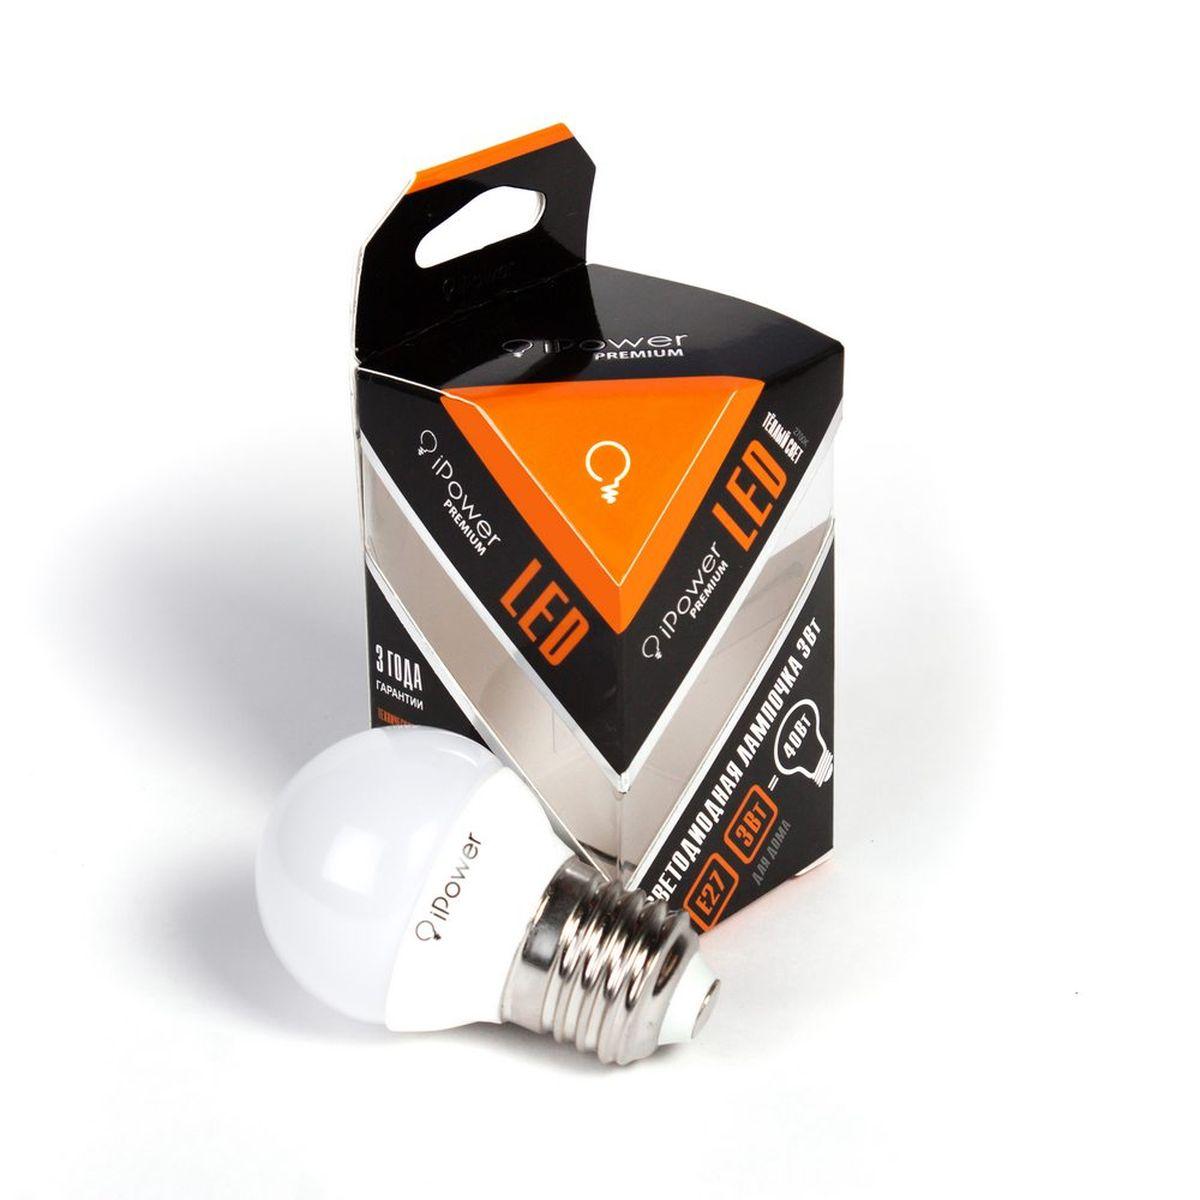 Лампа светодиодная iPower Premium, цоколь Е27, 3W, 2700К1001960Светодиодная лампа iPower Premium имеет очень низкое энергопотребление. В сравнении с лампами накаливания LED потребляет в 12 раз меньше электричества, а в сравнении с энергосберегающими - в 2-4 раза меньше. При этом срок службы LED лампочки в 5 раз выше, чем энергосберегающей, и в 50 раз выше, чем у лампы накаливания. Светодиодная лампа iPower Premium создает мягкий рассеивающий свет без мерцаний, что совершенно безопасно для глаз. Она специально разработана по требованиям российских и европейских законов и подходит ко всем осветительным устройствам, совместимым со стандартным цоколем E27. Использование светодиодов от мирового лидера Epistar - это залог надежной и стабильной работы лампы. Теплый оттенок света лампы по световой температуре соответствует обычной лампе накаливания и позволит создать уют в доме и местах отдыха. Диапазон рабочих температур от -50°С до +50 °С Материал: алюминий, поликарбонат. Потребляемая мощность: 3 Вт. Рабочее...